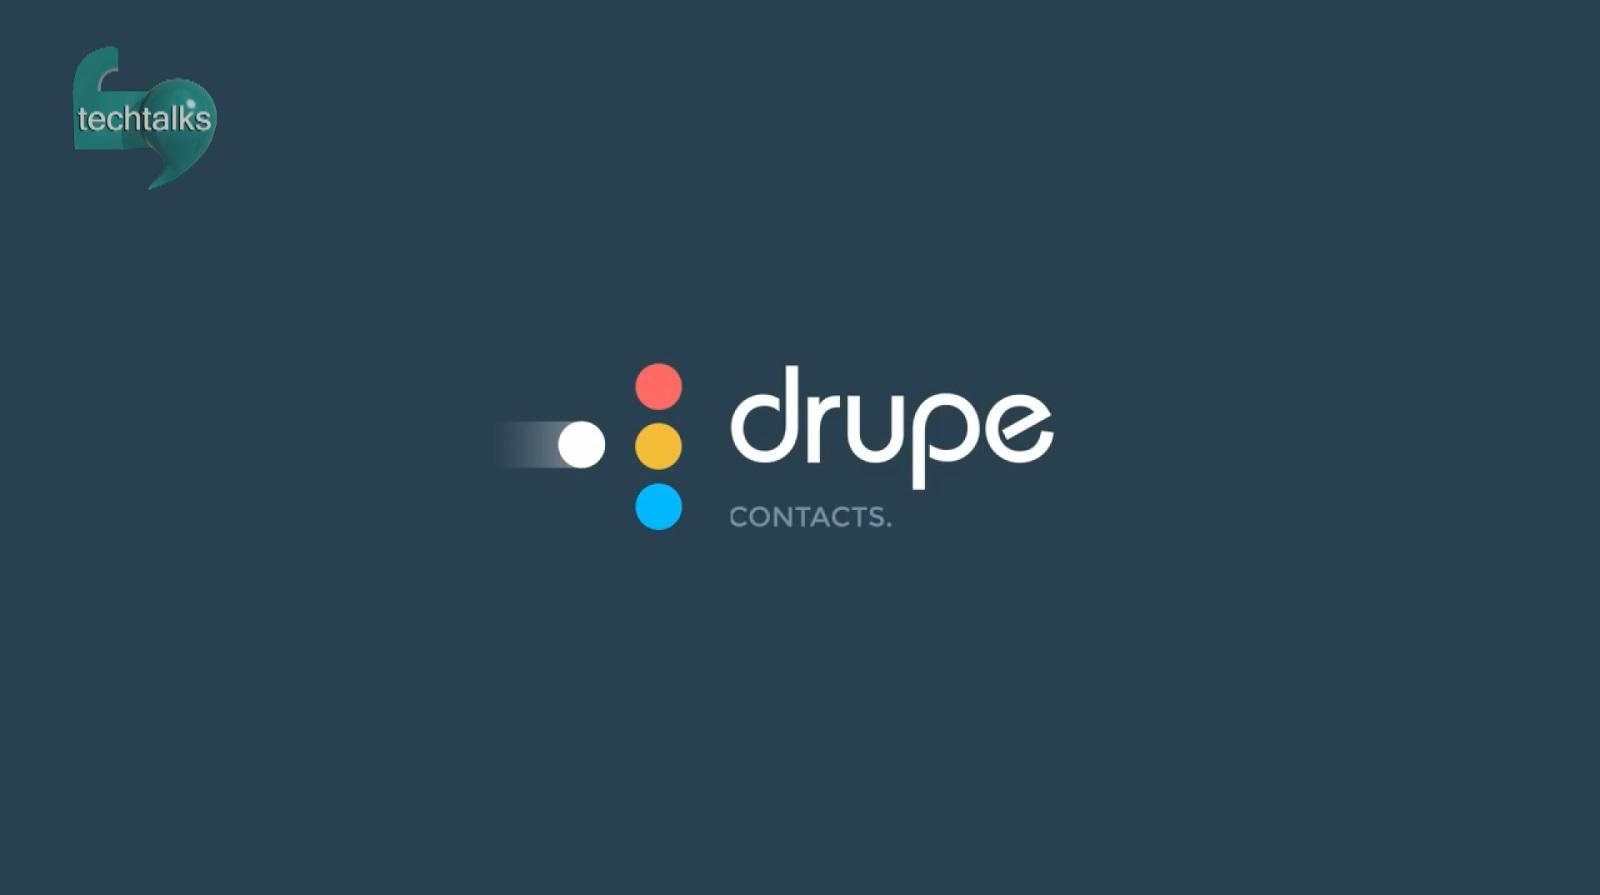 با Drupe تمام پیام رسان های خود را مدیریت کنید  – تک تاکس – اولین رسانه تصویری فناوری اطلاعات و ارتباطات ایران